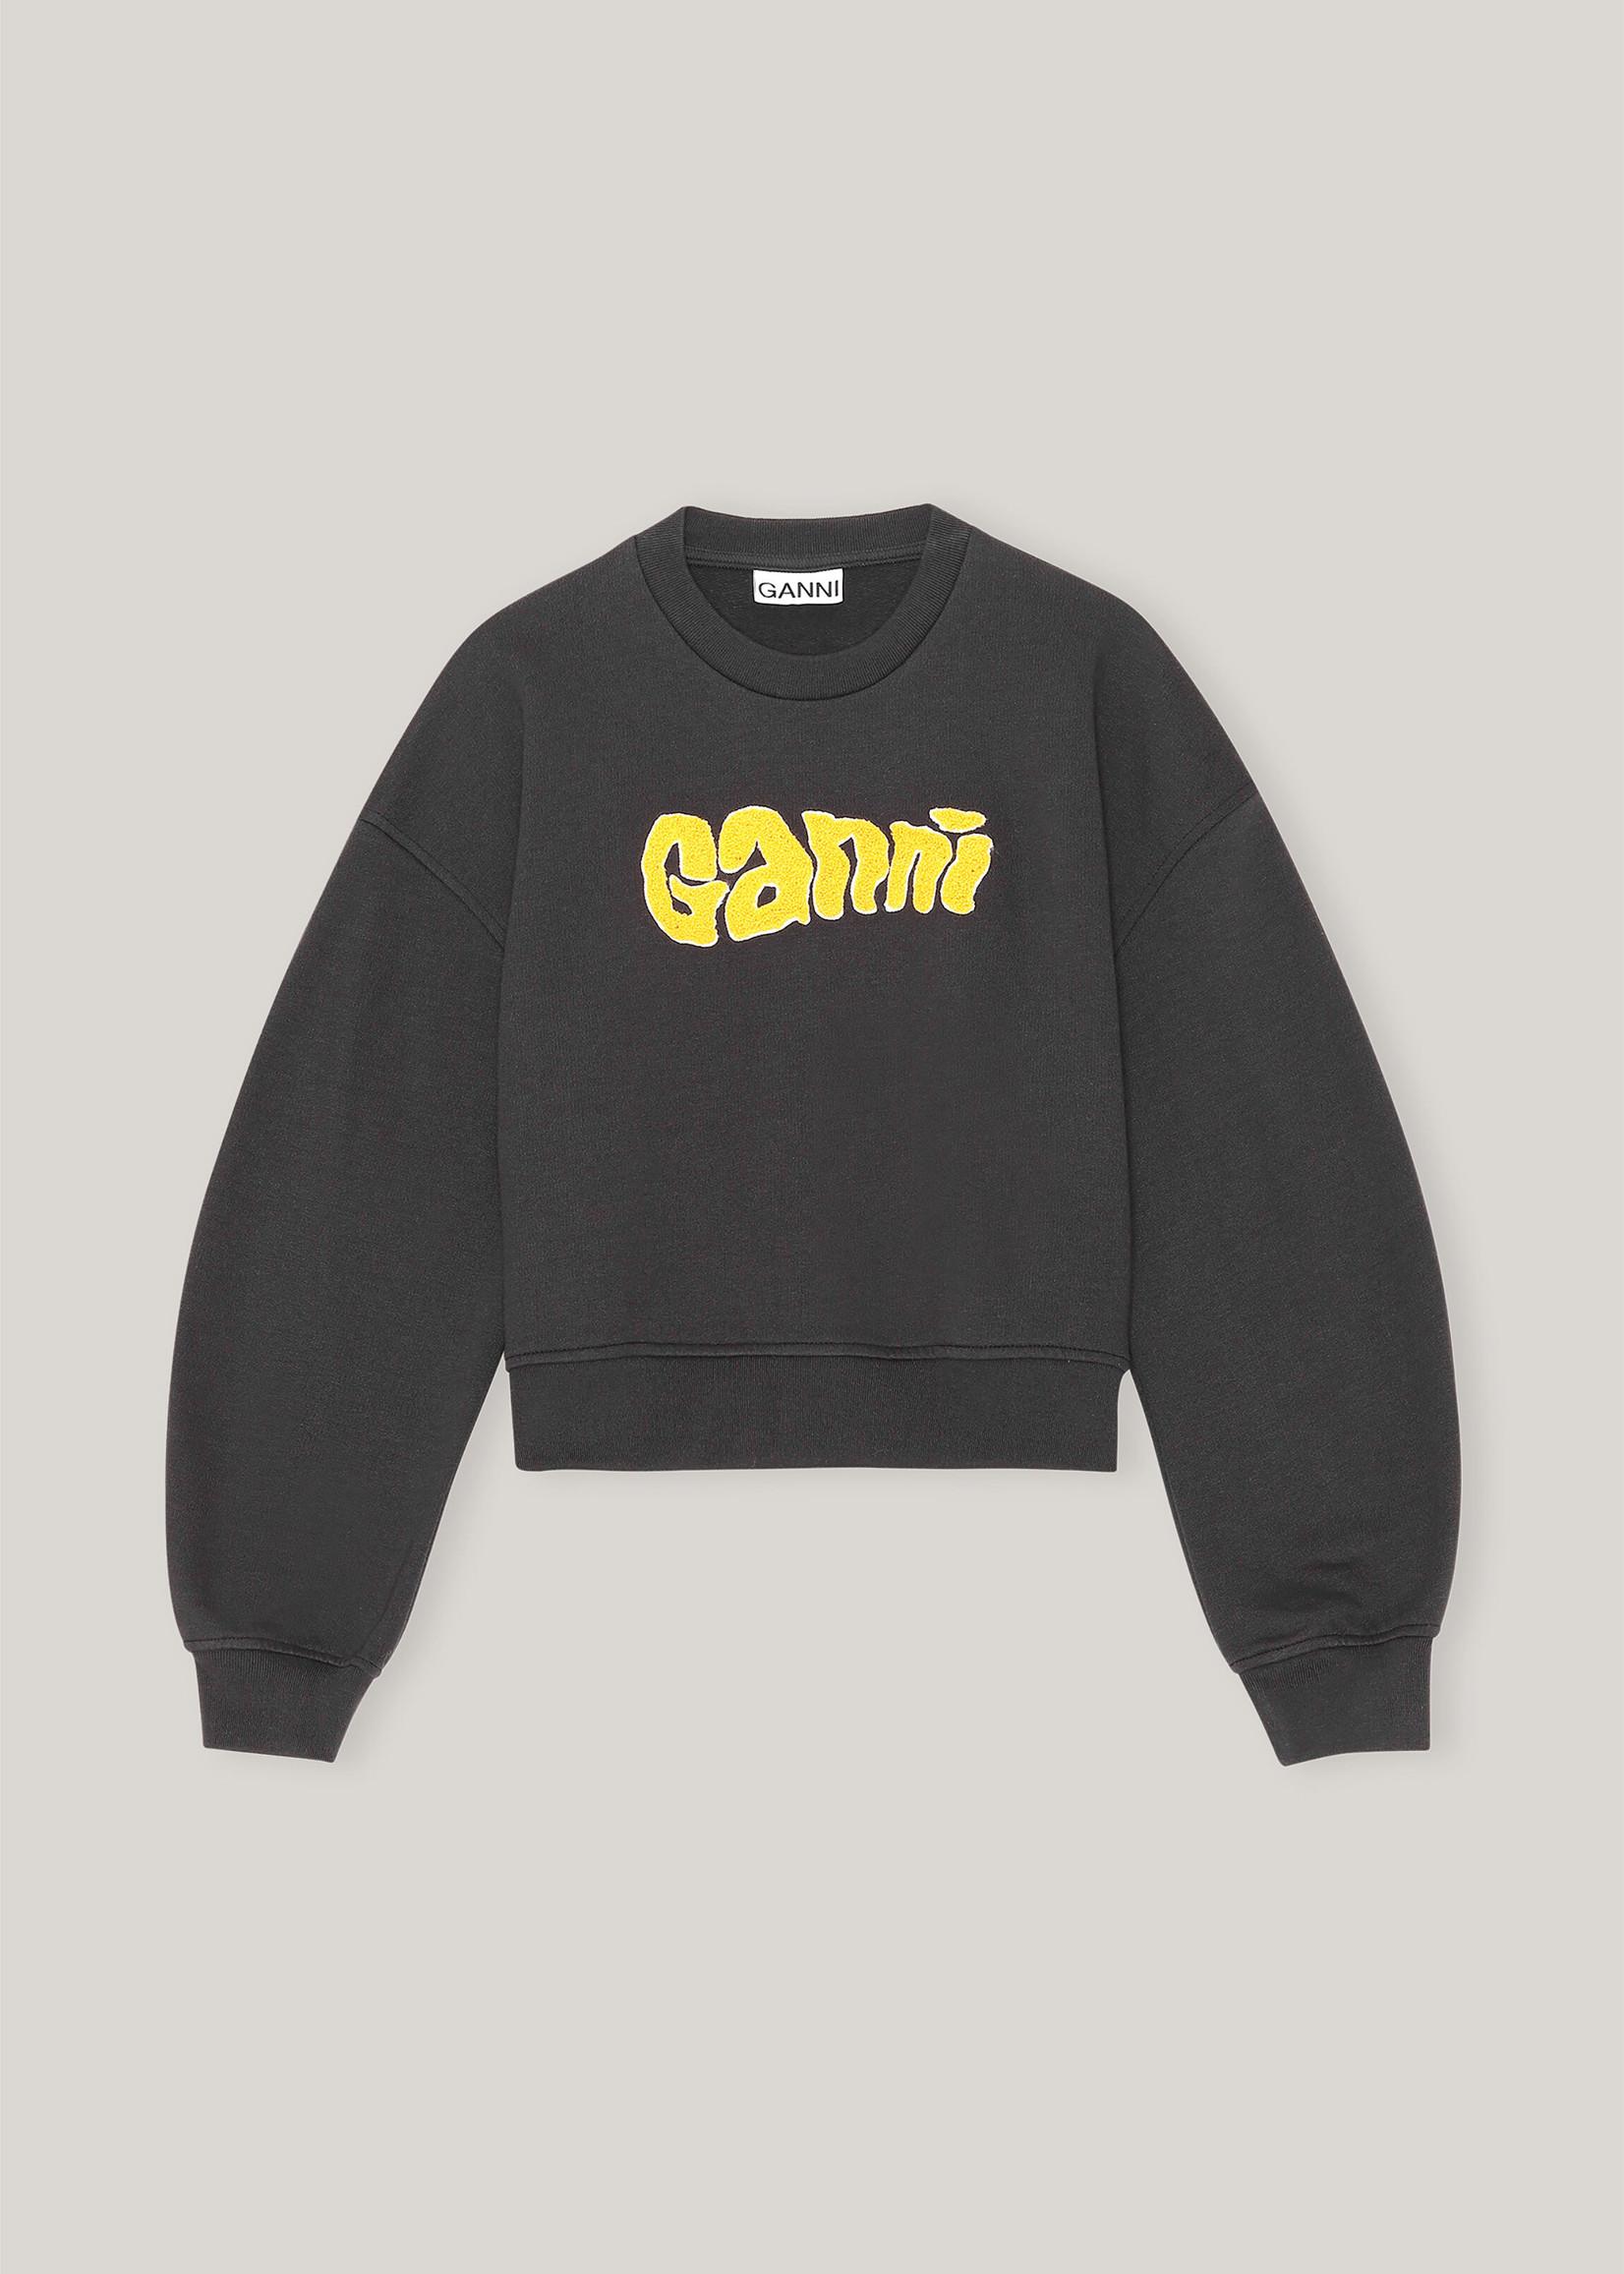 GANNI Cropped Logo Sweatshirt in Phantom